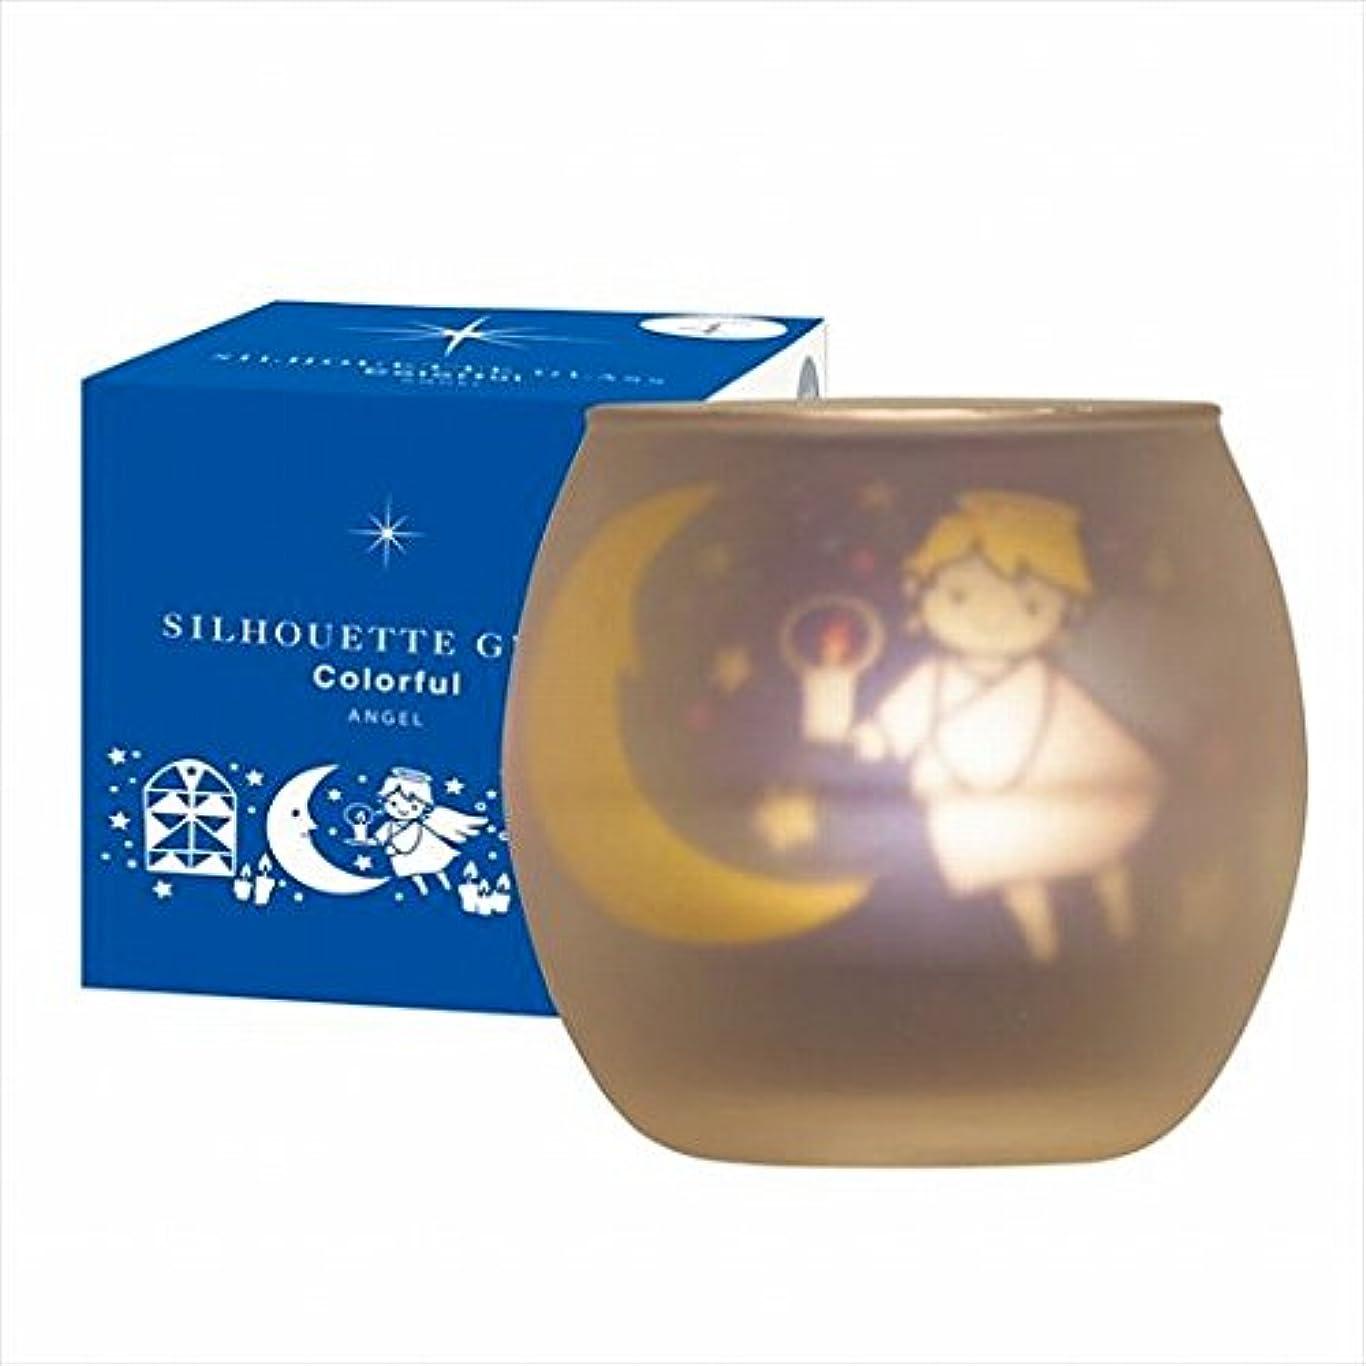 動こどもの日同等のカメヤマキャンドル(kameyama candle) シルエットグラスカラフルエンジェル【キャンドル4個付き】